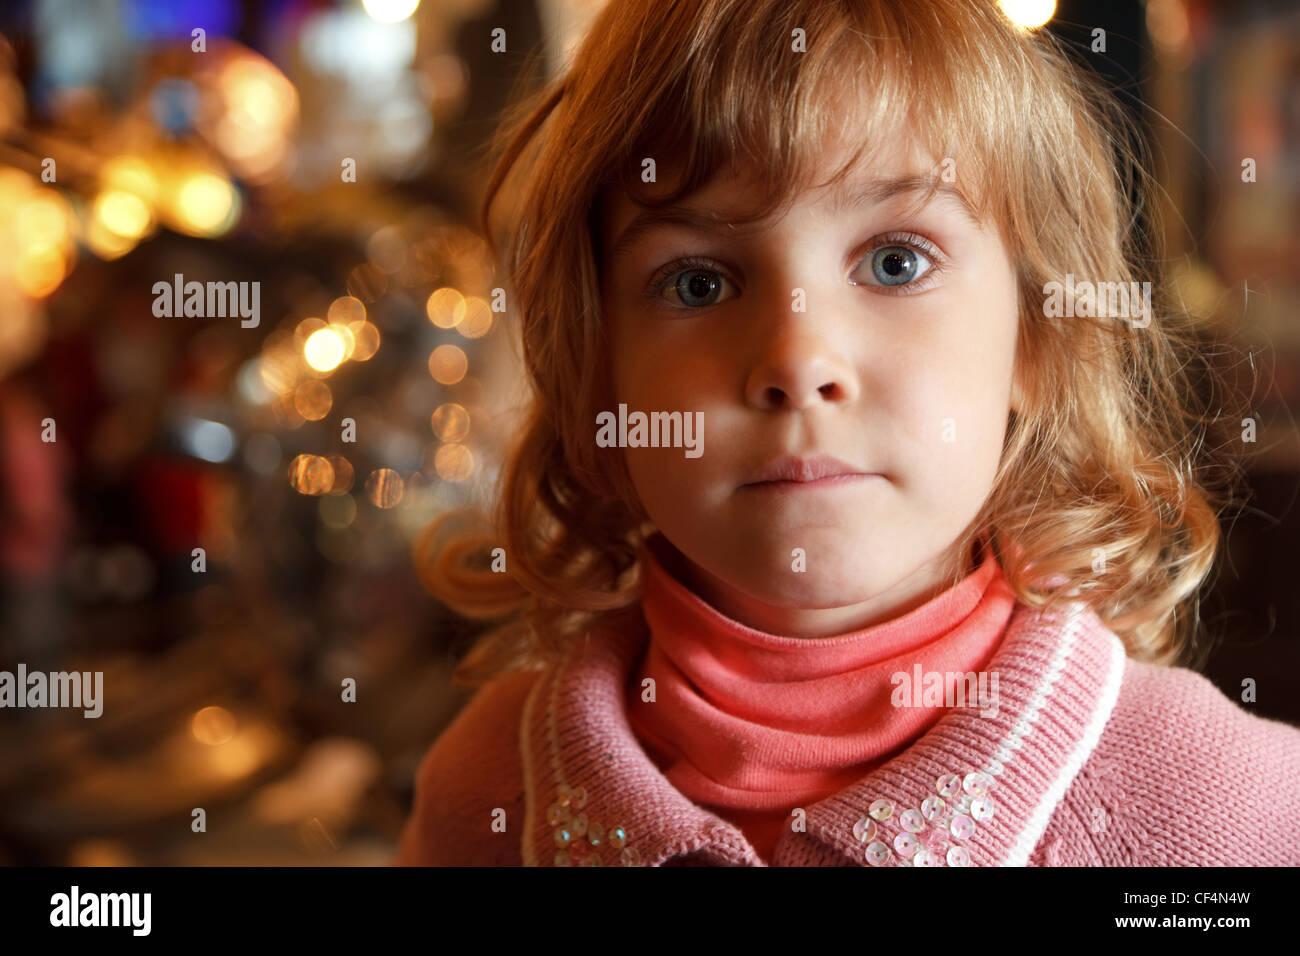 Retrato de niña encantadora en la iluminación de fondo. Close-up. En el interior. Imagen De Stock